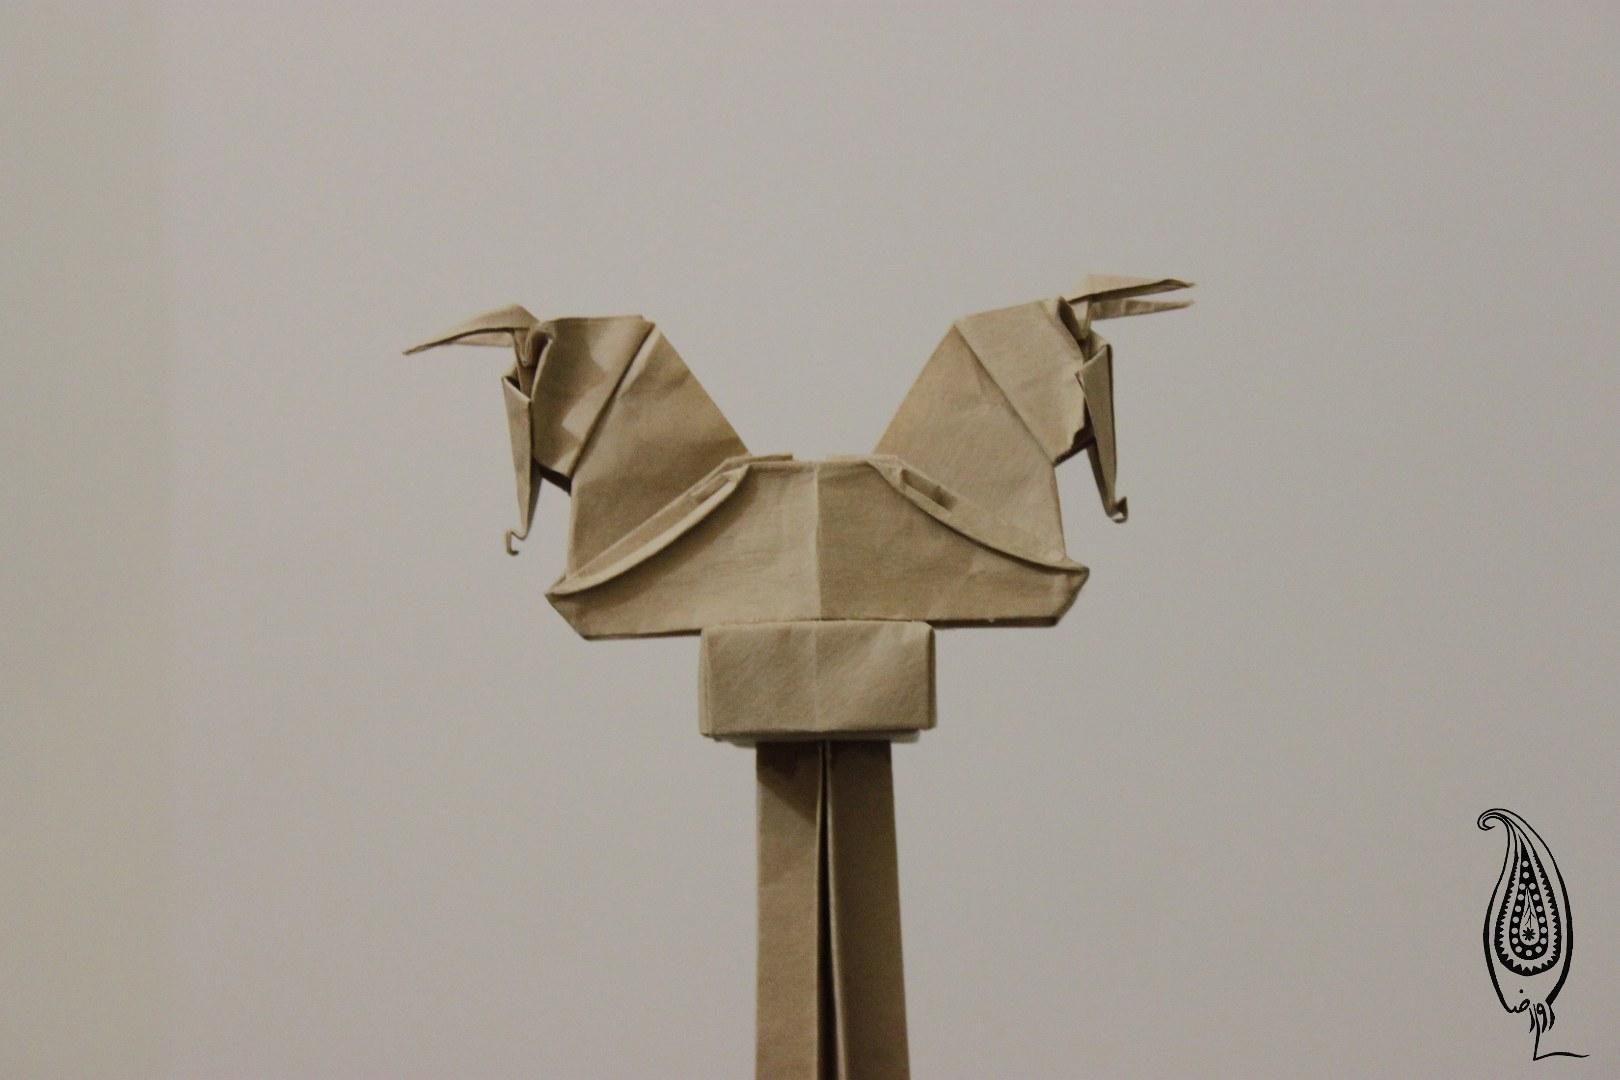 اوریگامی سرستون گاو-تخت جمشید